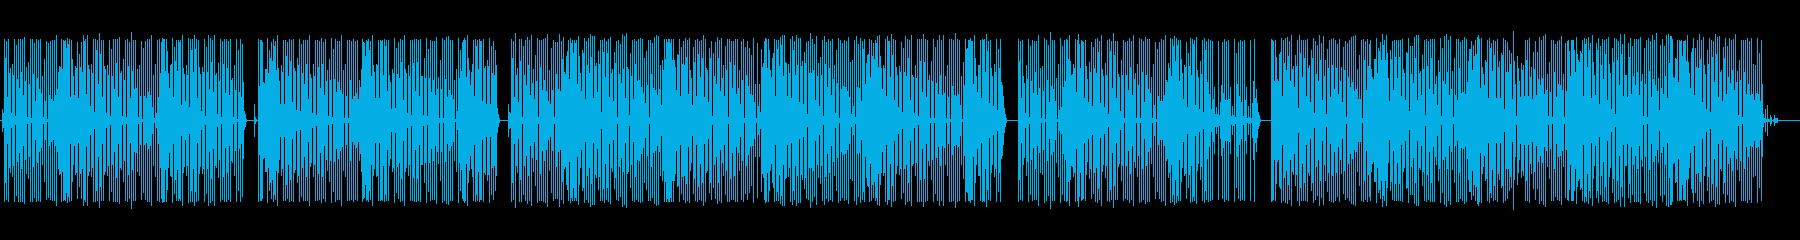 雑談-配信BGM-可愛い8bit-ゲームの再生済みの波形